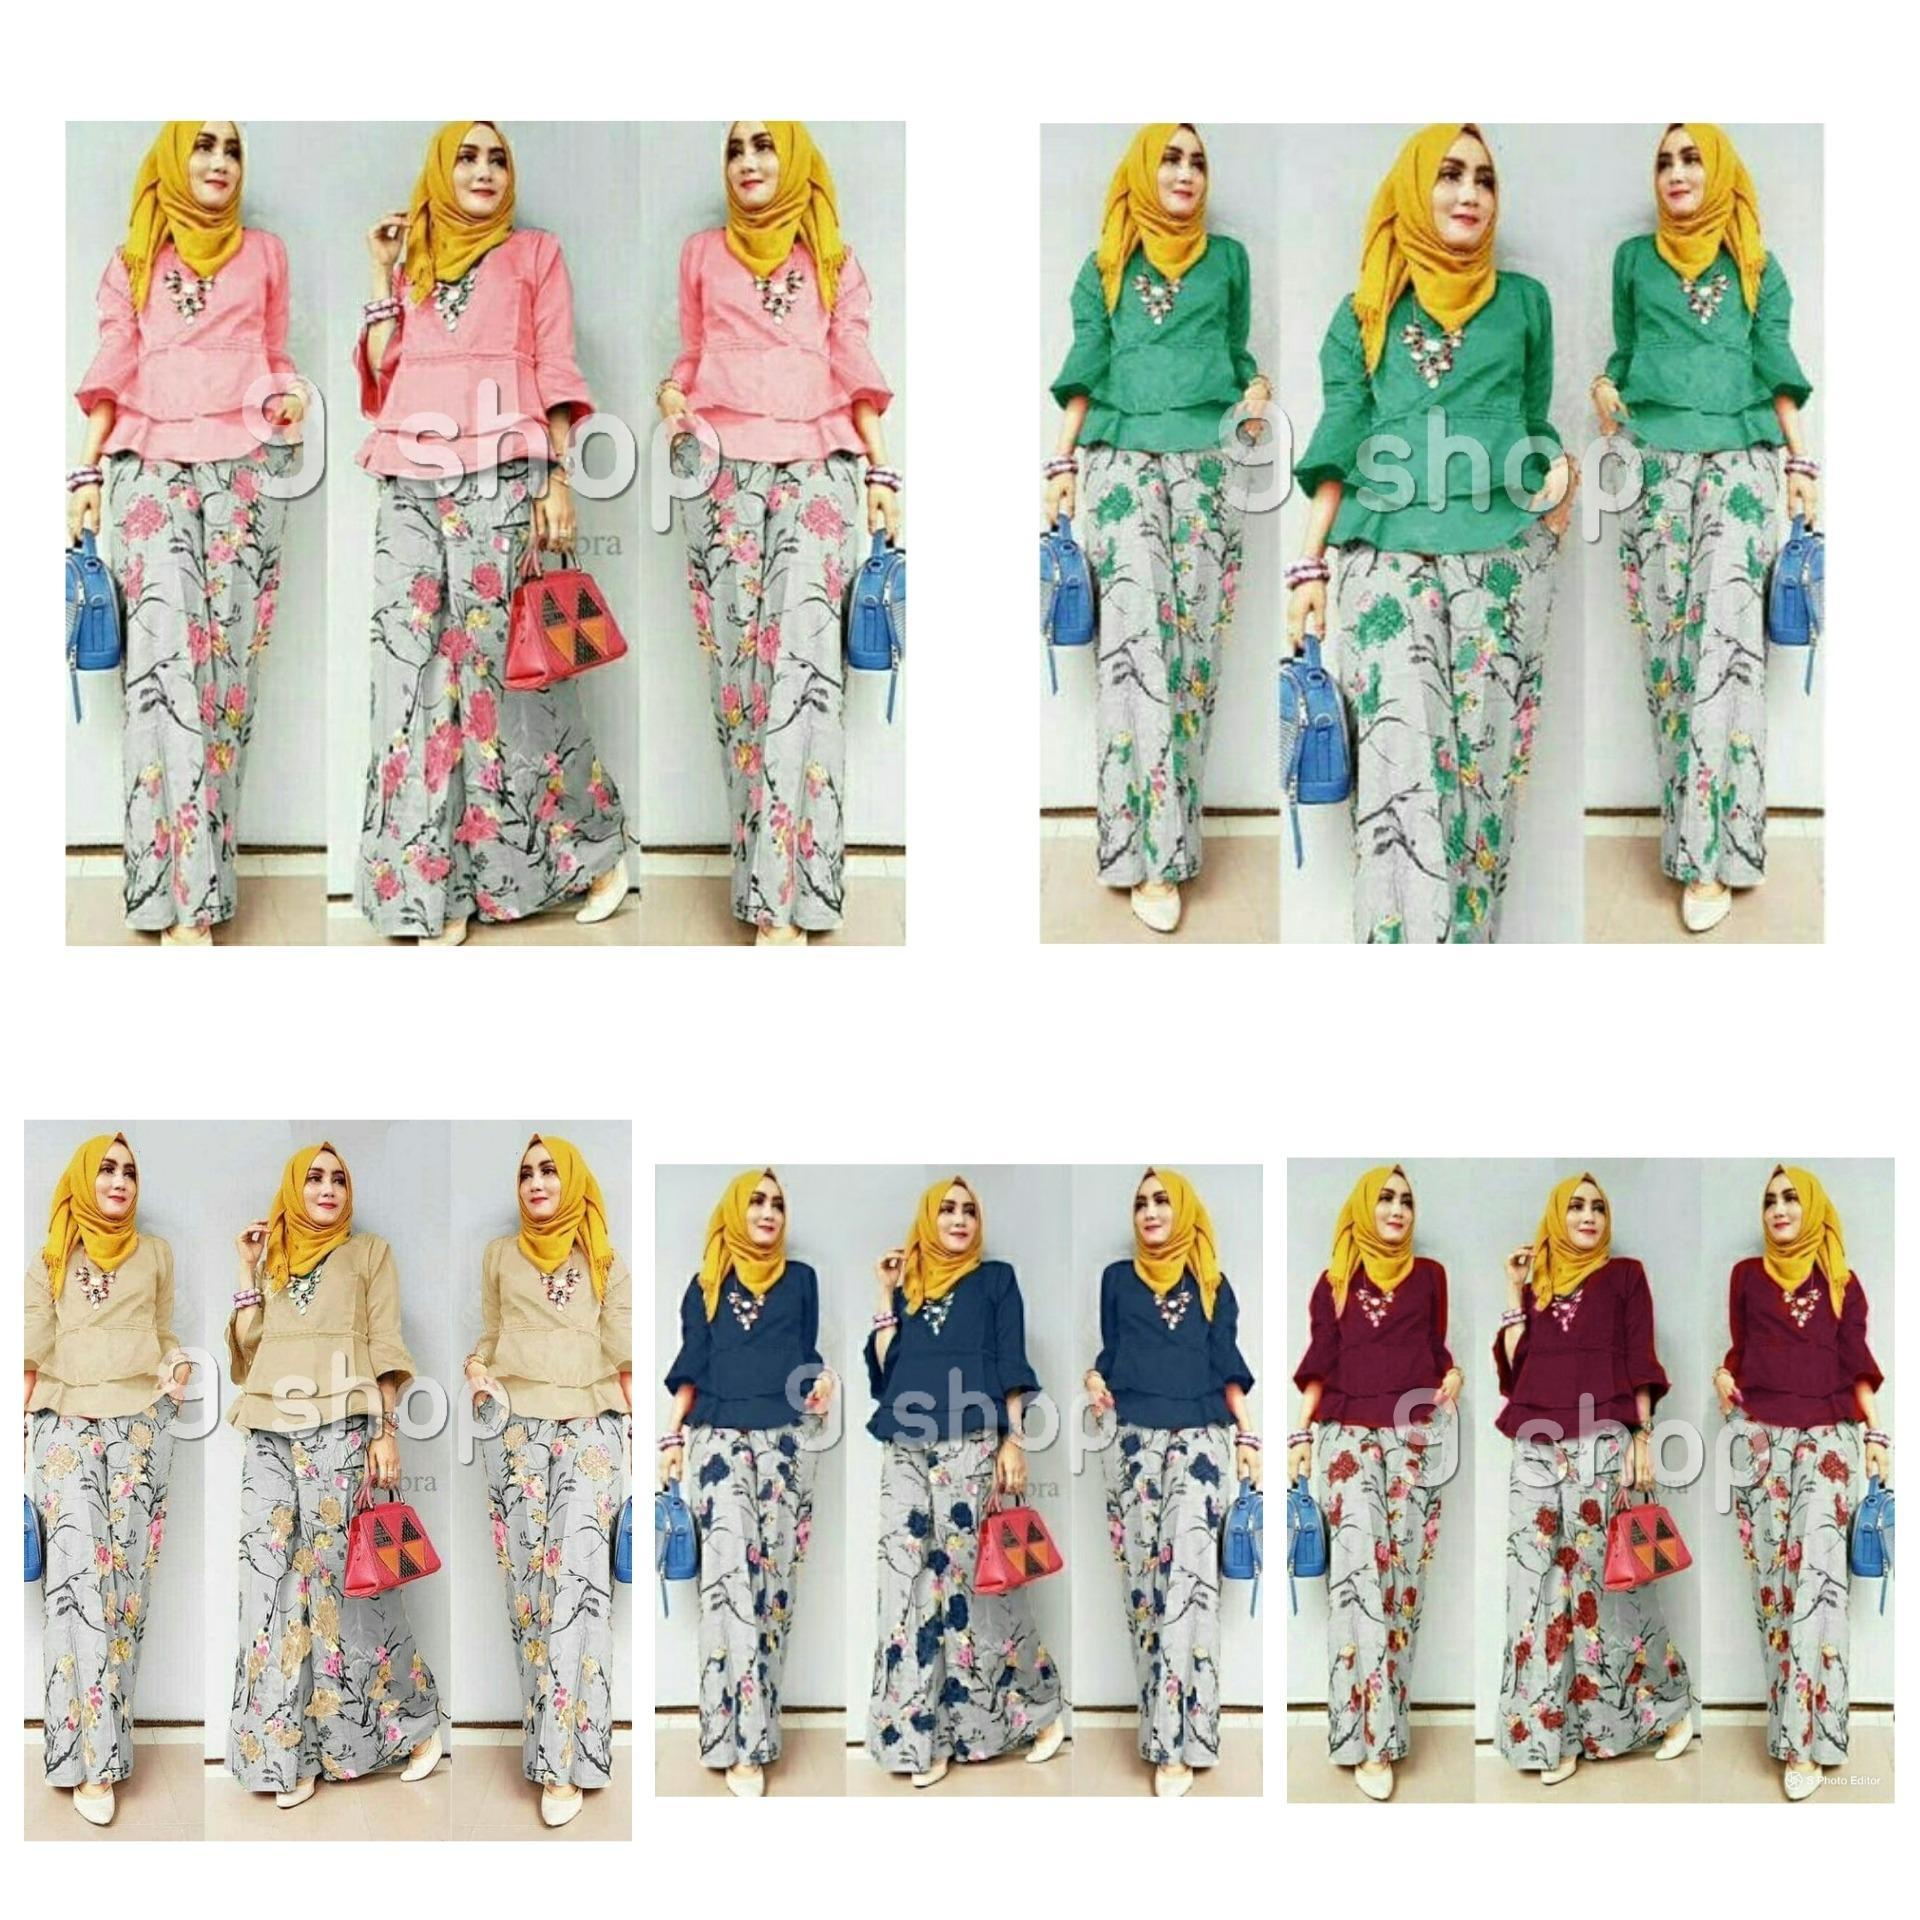 9 Shop Setelan Baju dan Celana Kulot Wanita LIA ( Tanpa Jilbab )  Setelan Muslimah  Stelan Kulot Muslim  Baju Muslimah  Setelan Wanita  Stelan Baju Murah  Baju Muslim  Celana Kulot Muslimah  Kulot Muslim